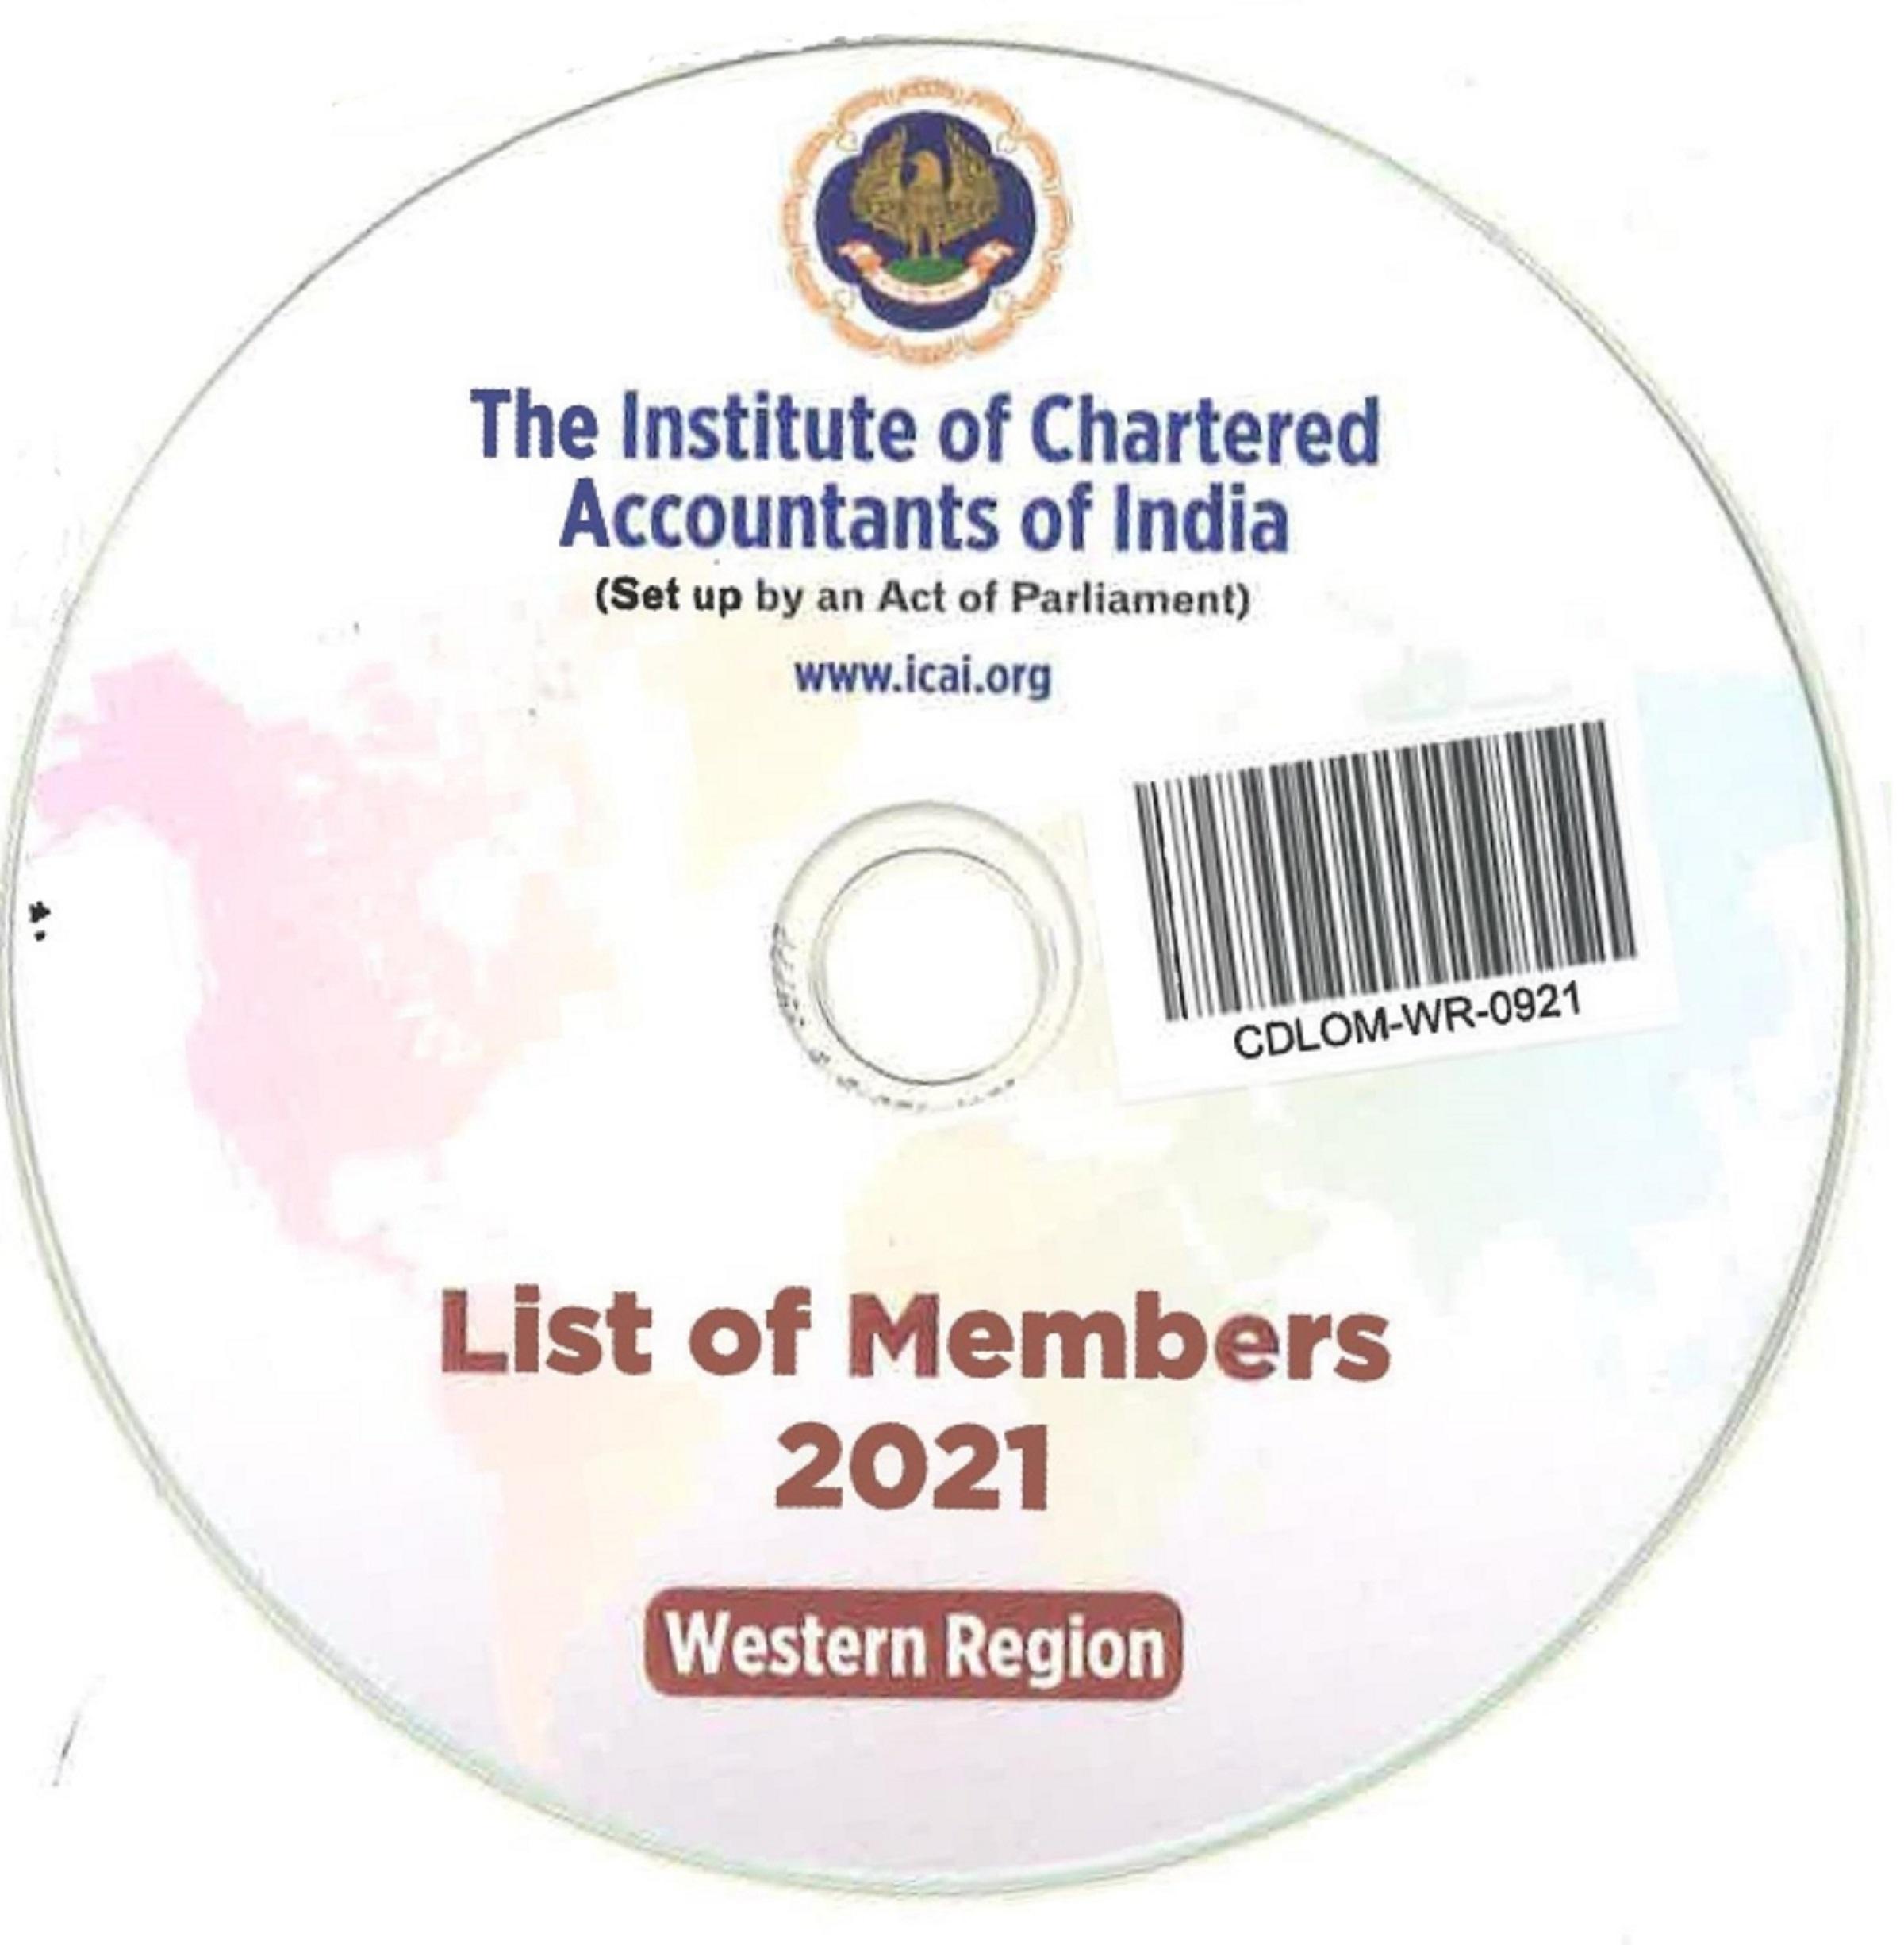 CD-List of Members, 2021 (Western Region)